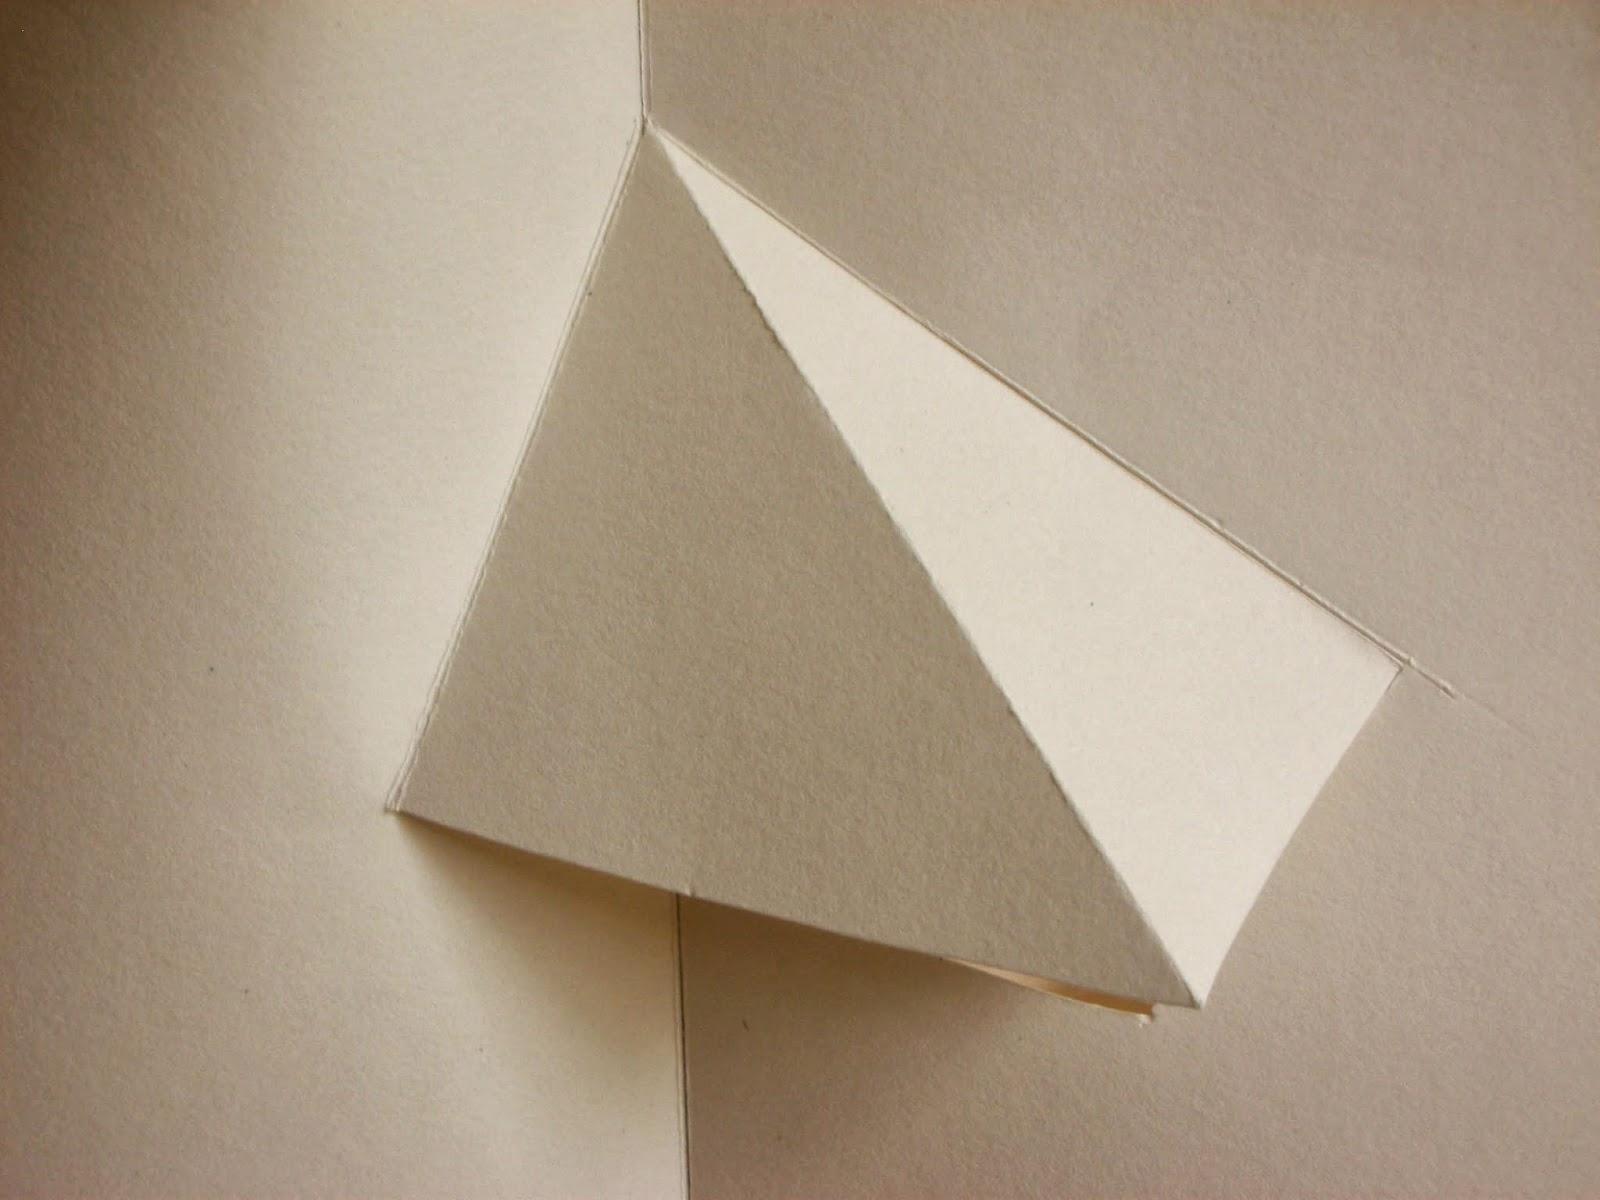 pop up a manual of paper mechanisms